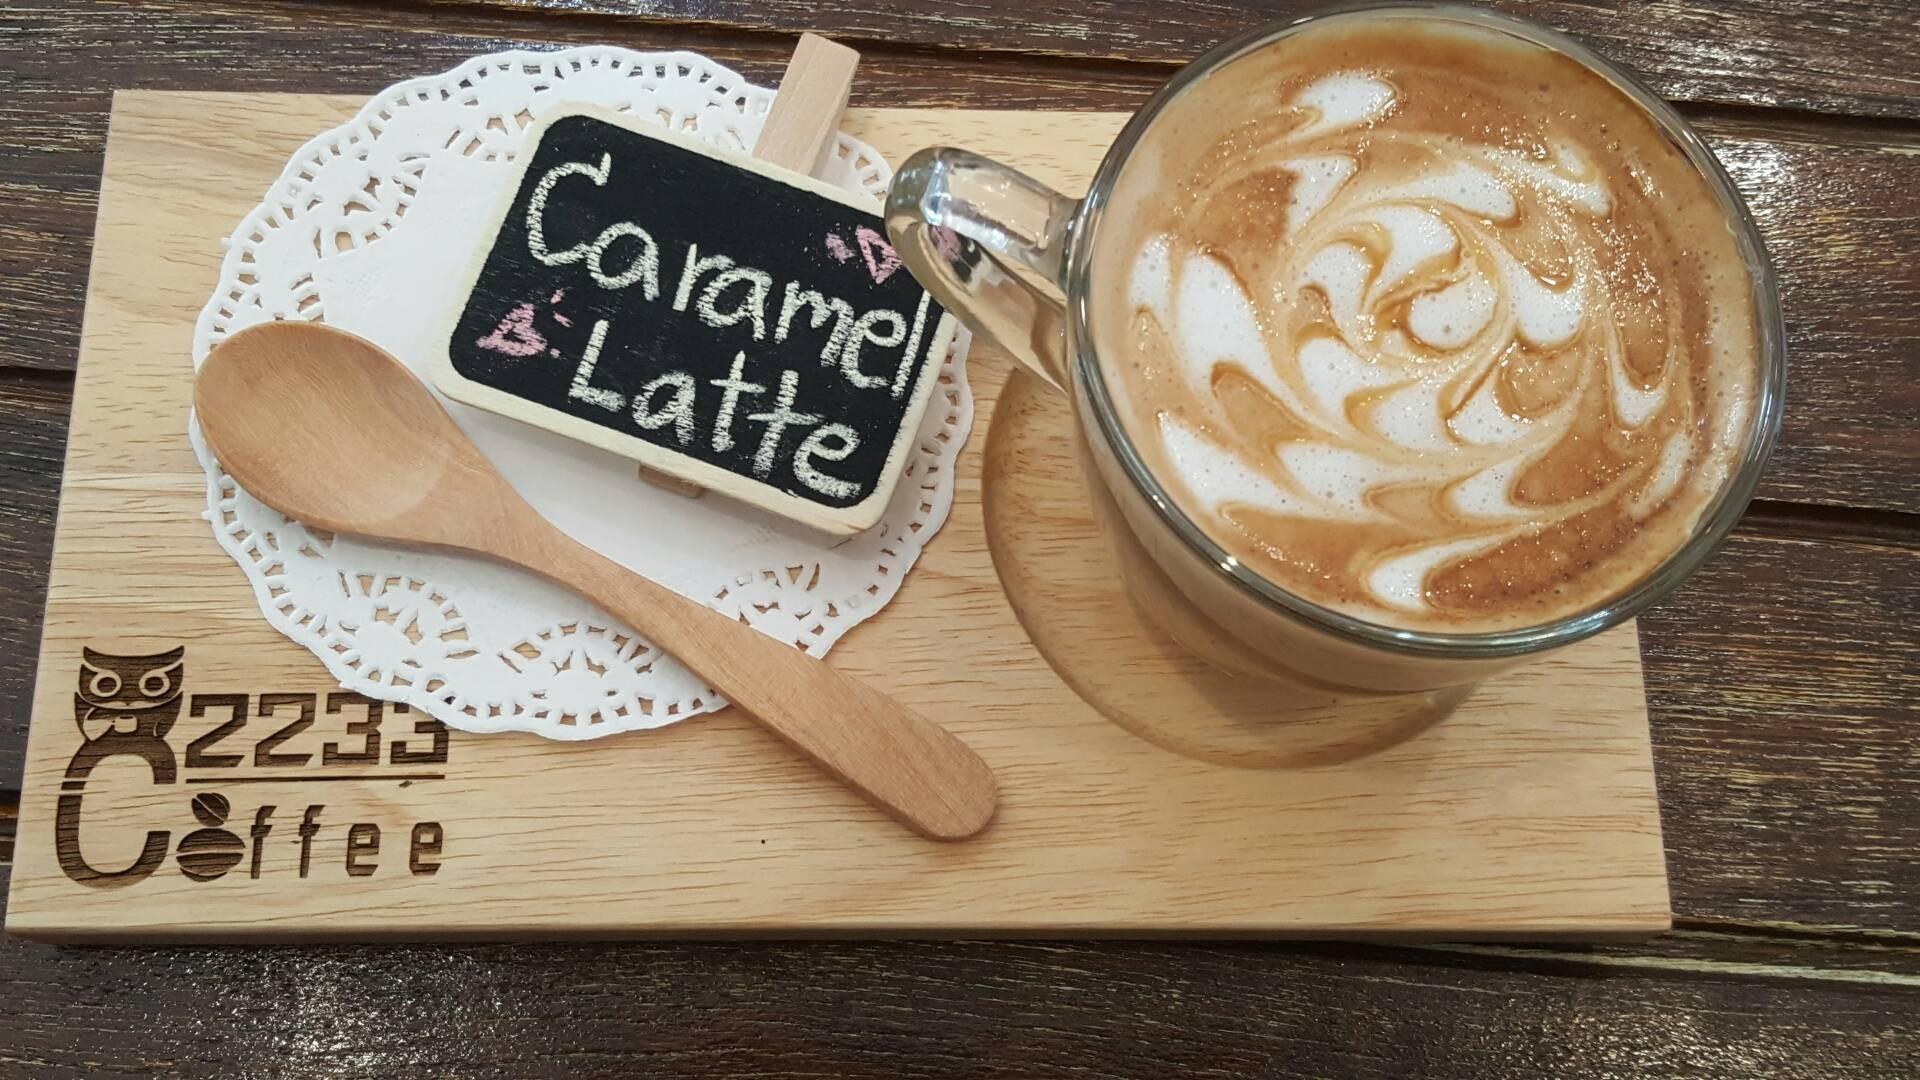 2233 Coffee